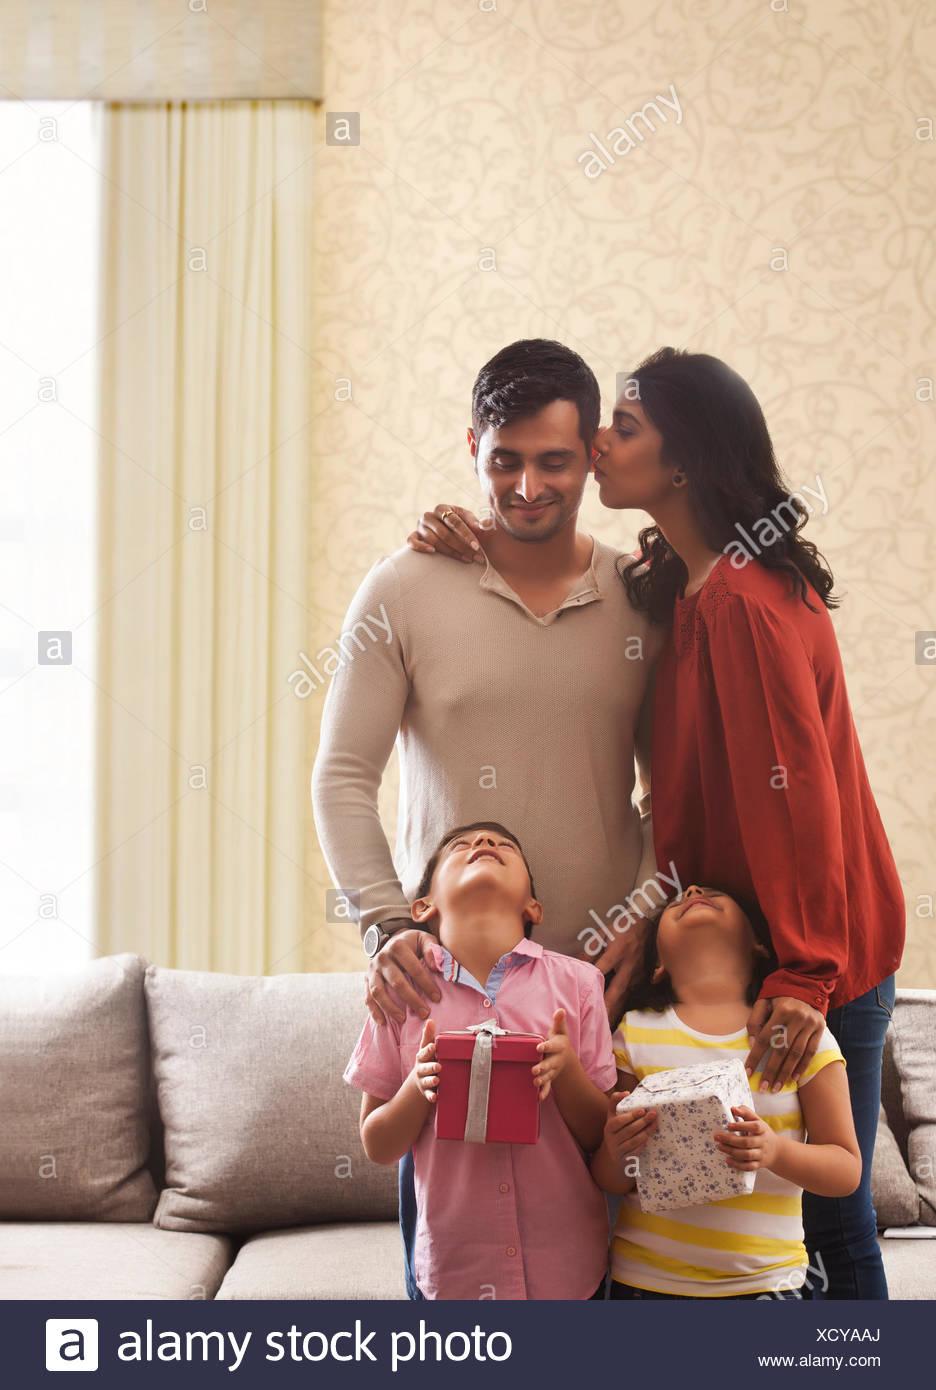 Woman kissing man on cheek, fille et garçon jusqu'à la holding gifts avec retour Banque D'Images